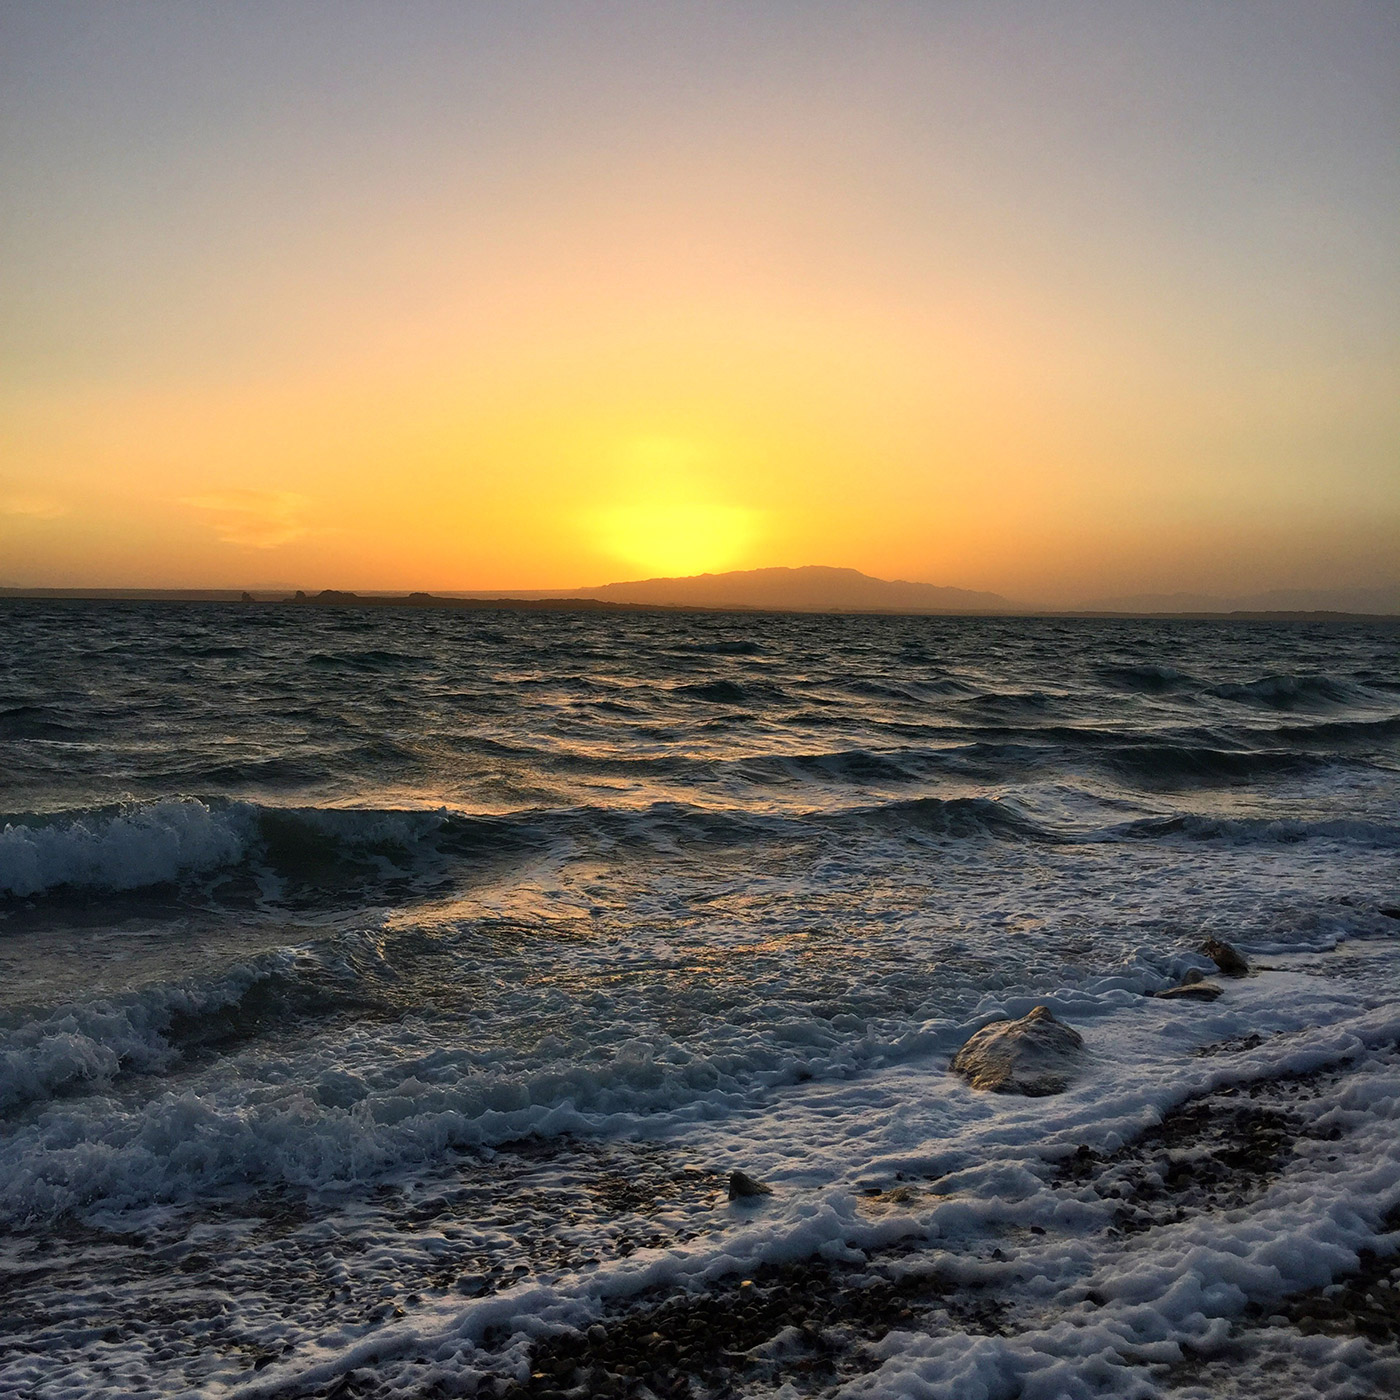 托素湖落日余晖